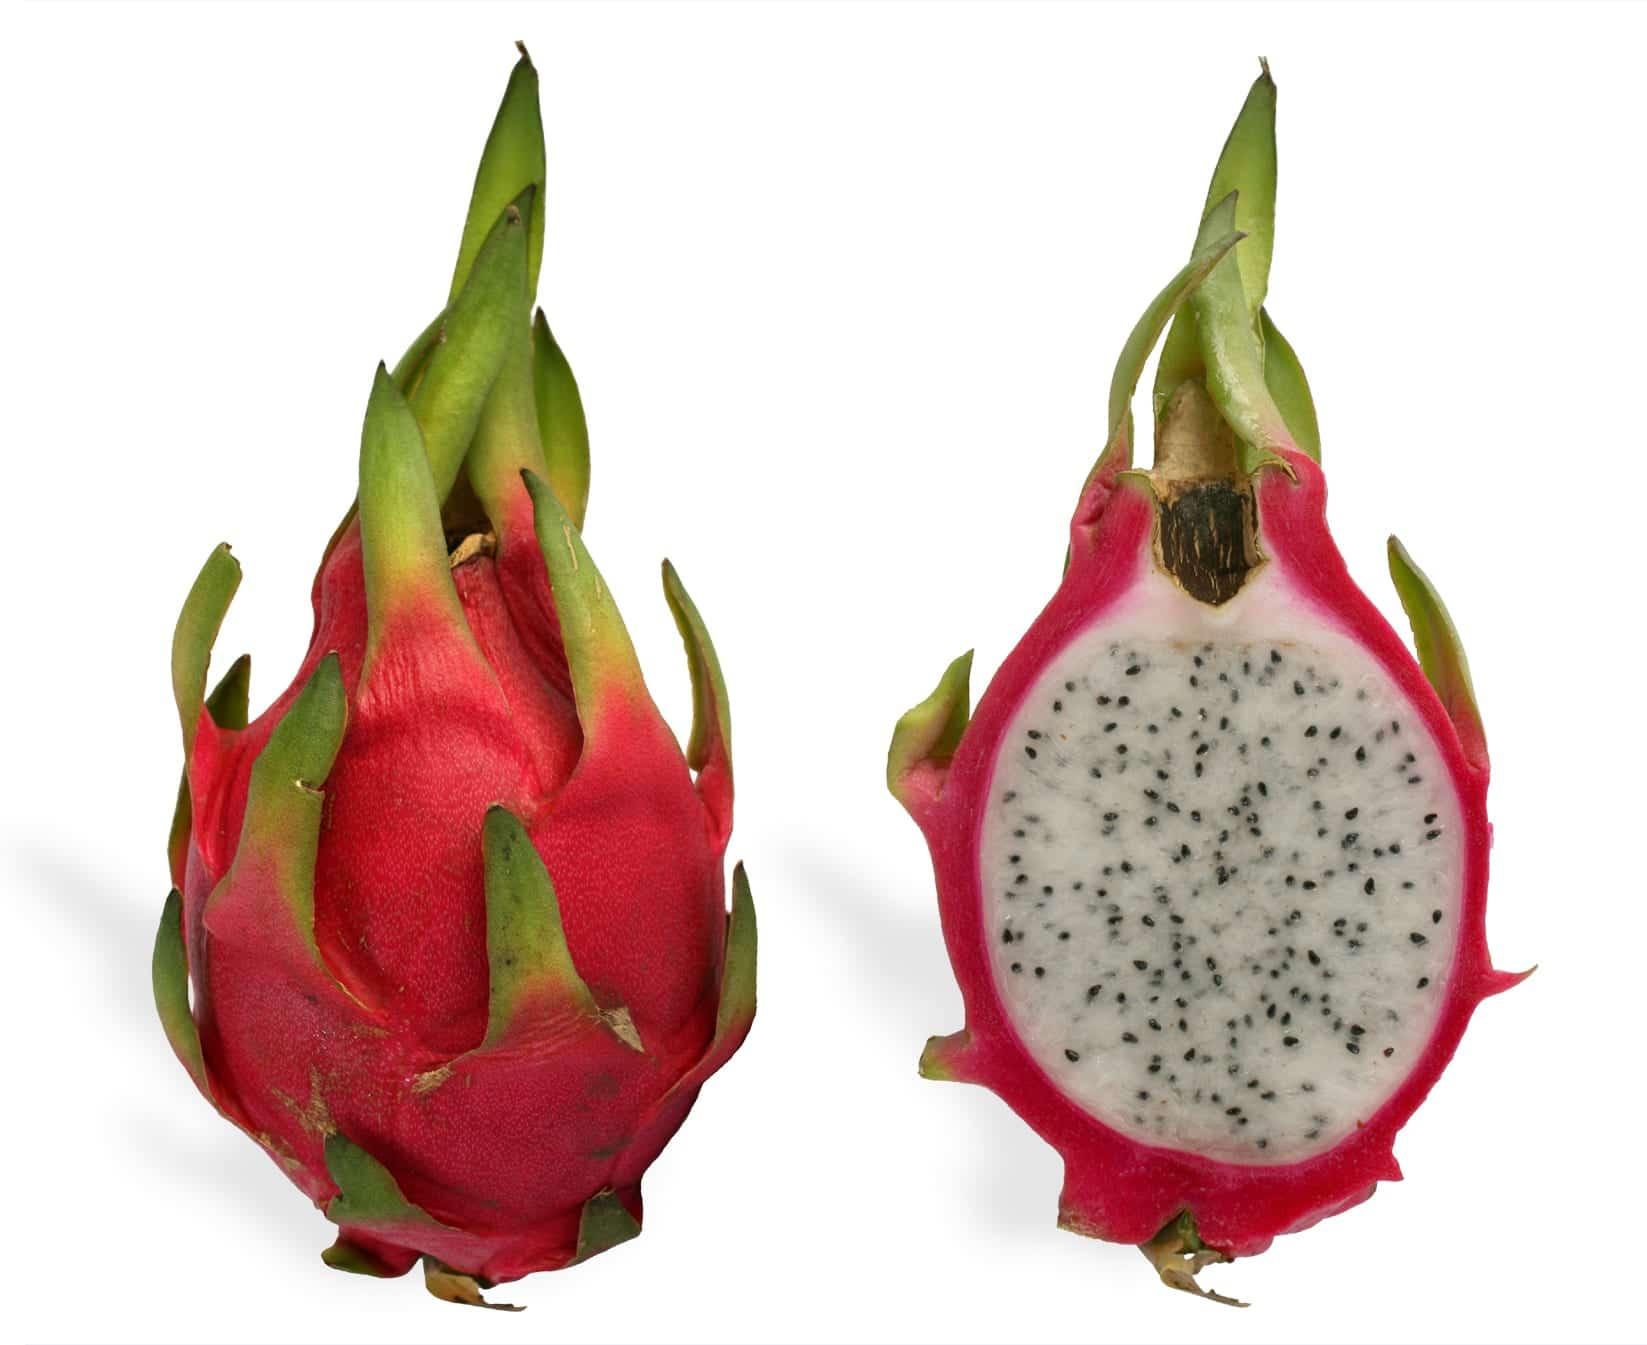 La pitahaya es un fruto comestible